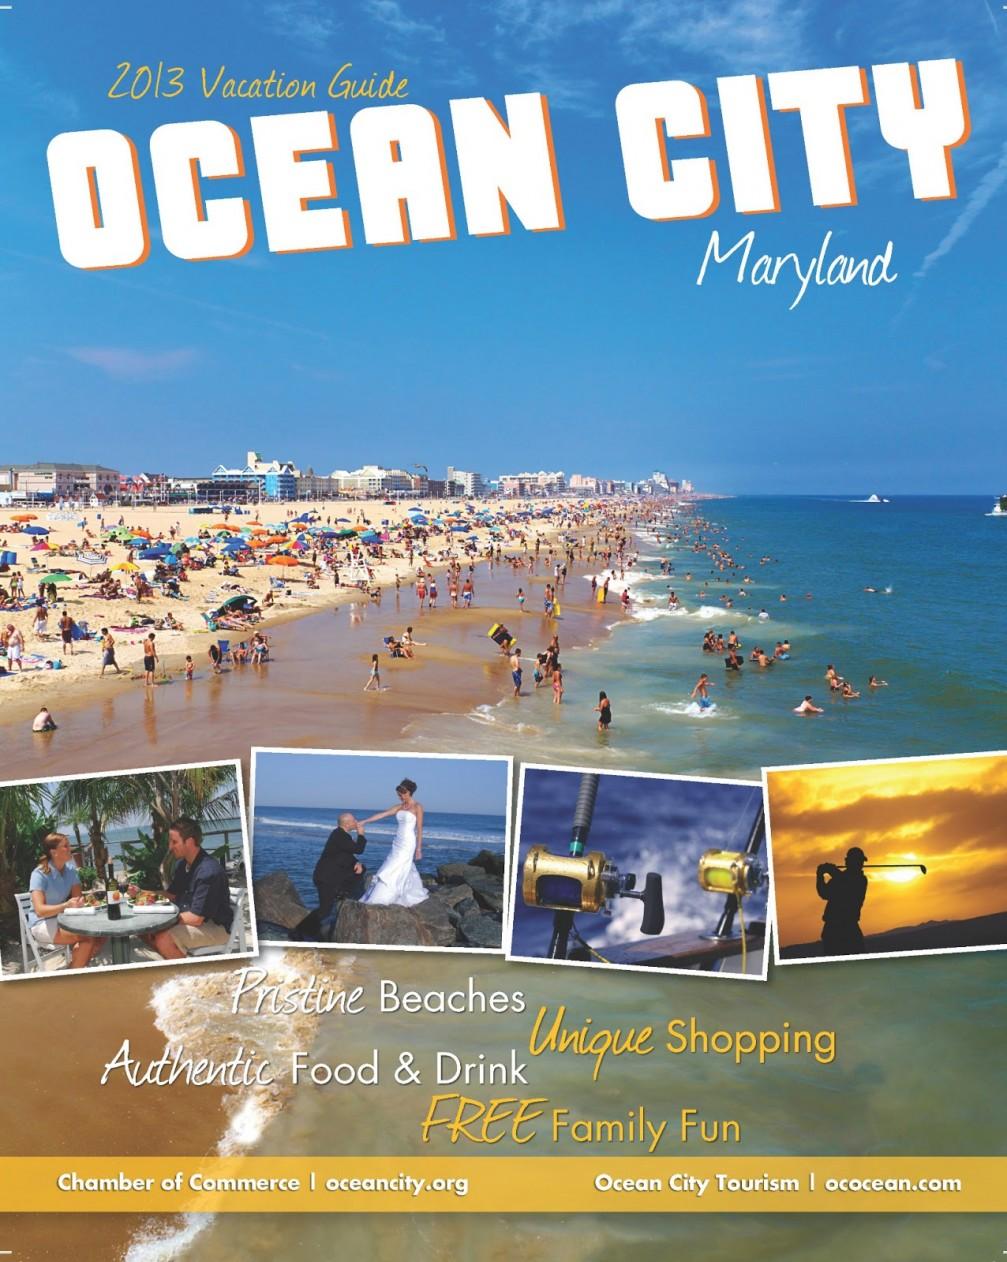 ocean city desktop wallpaper